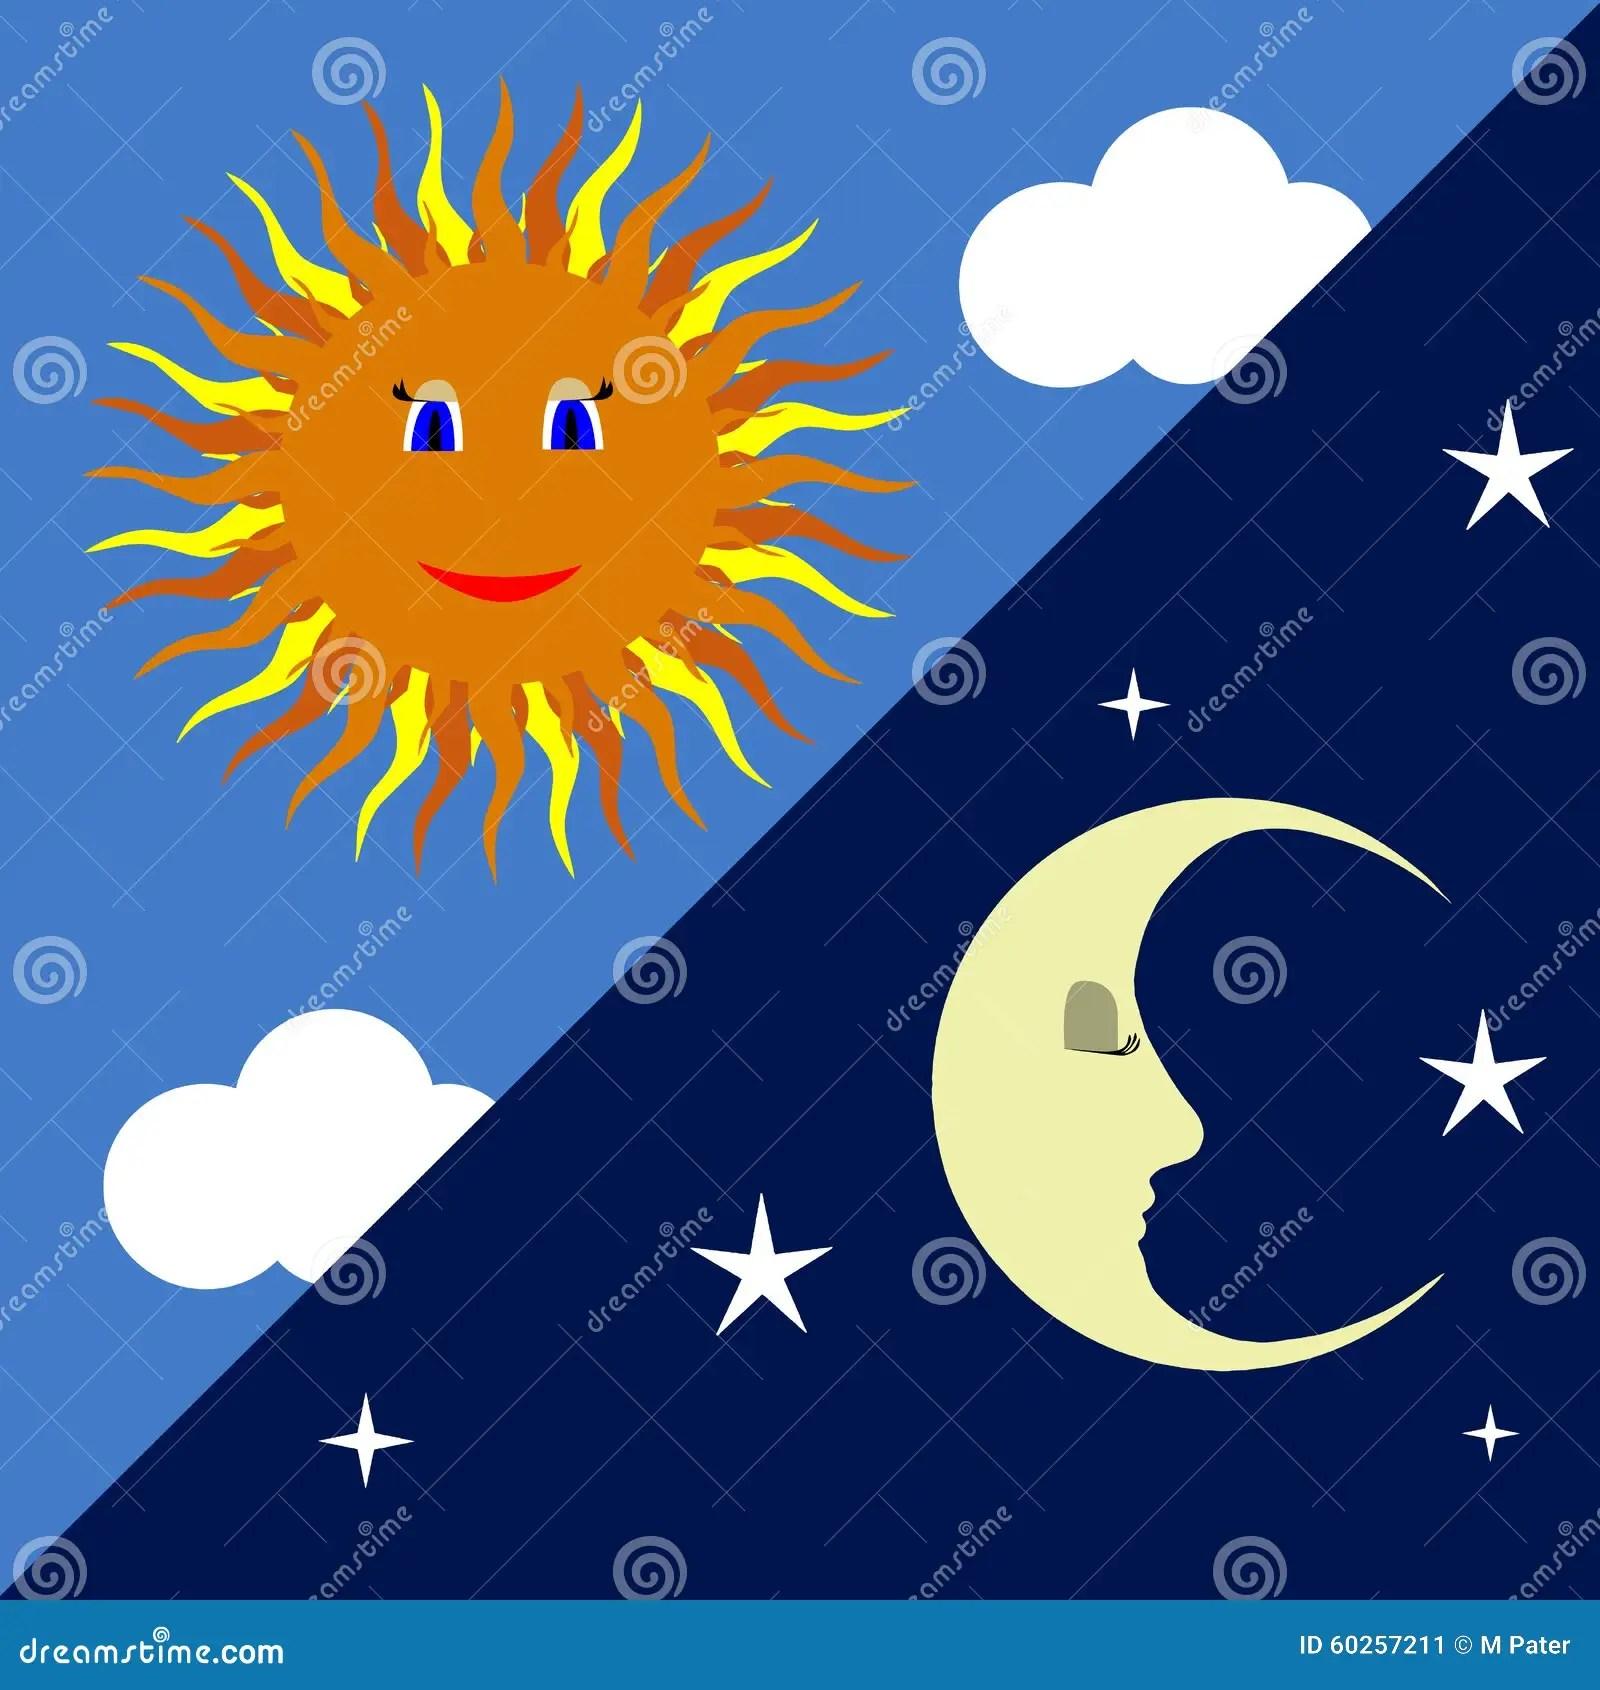 Sun And Moon Stock Illustration